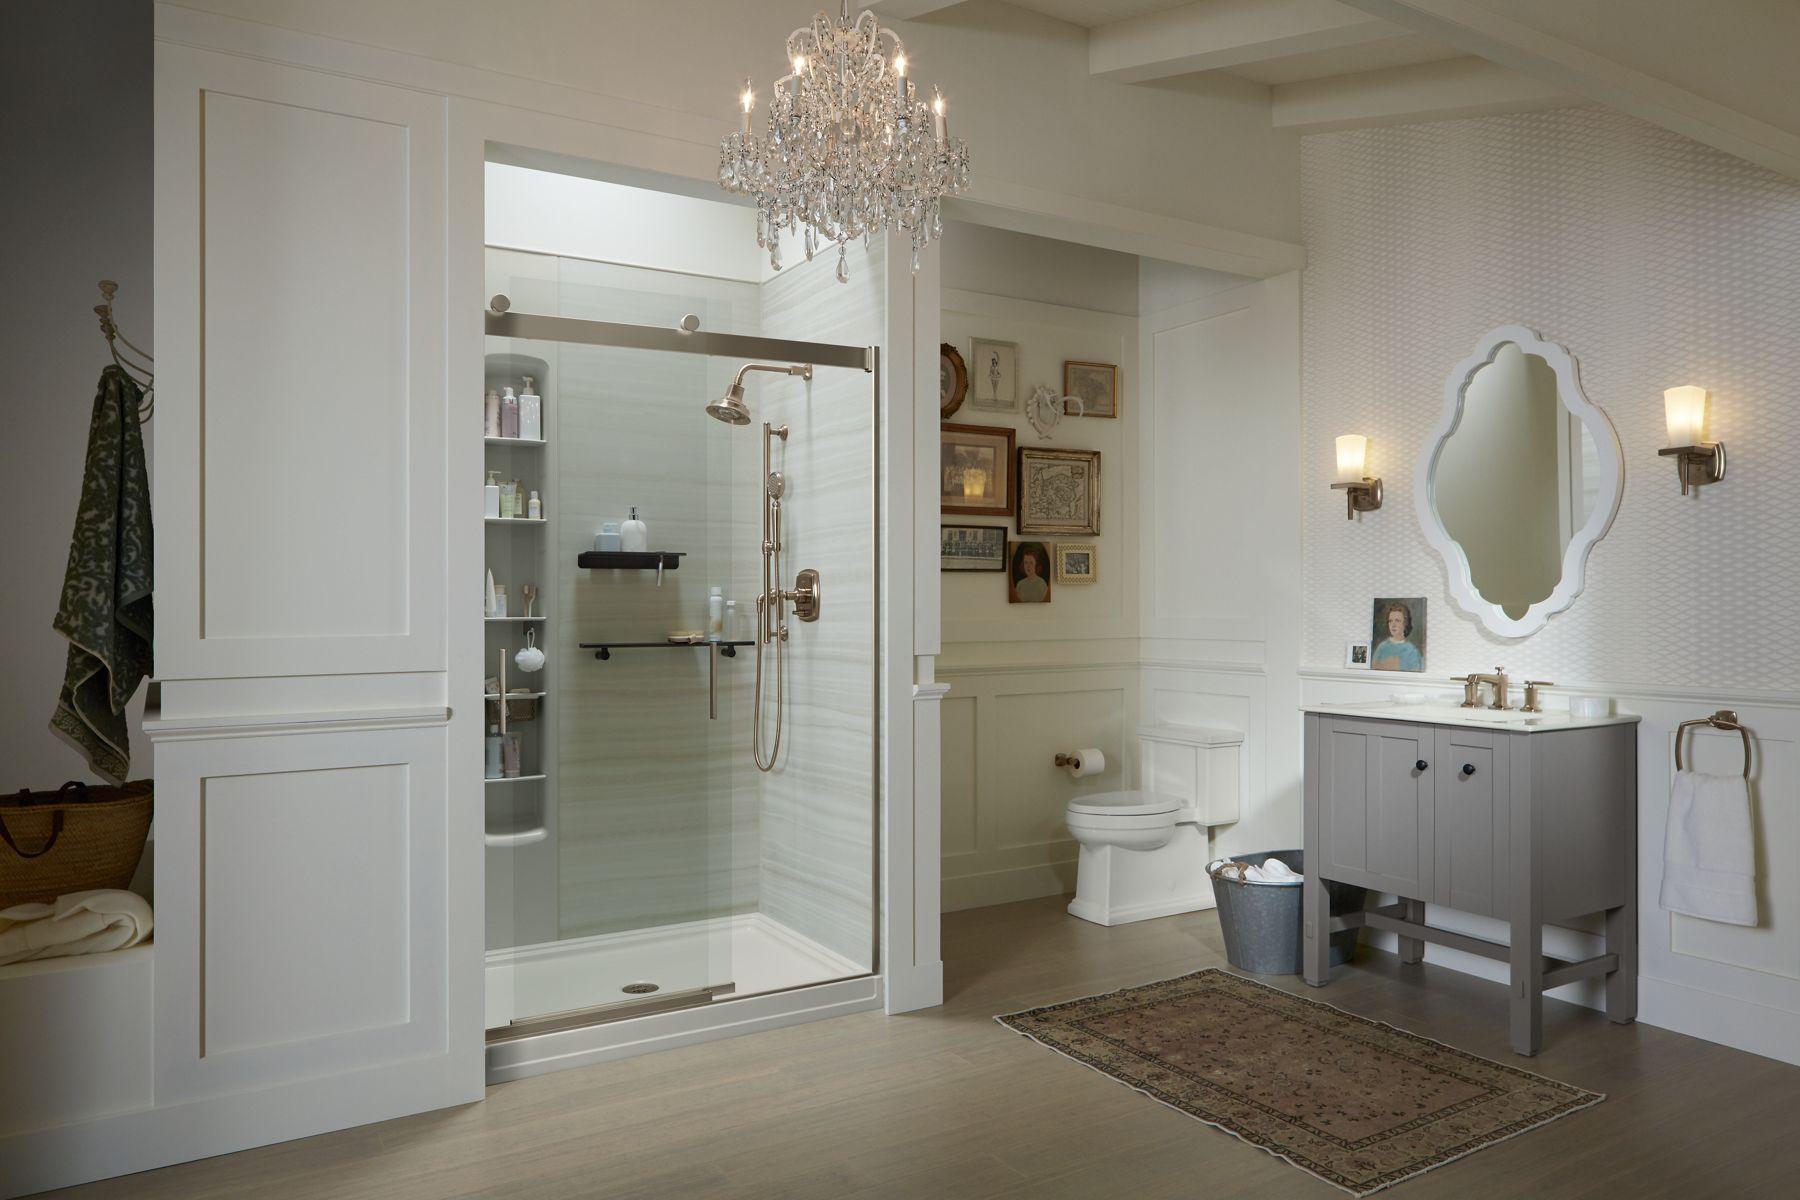 Levity® Sliding Shower Doors